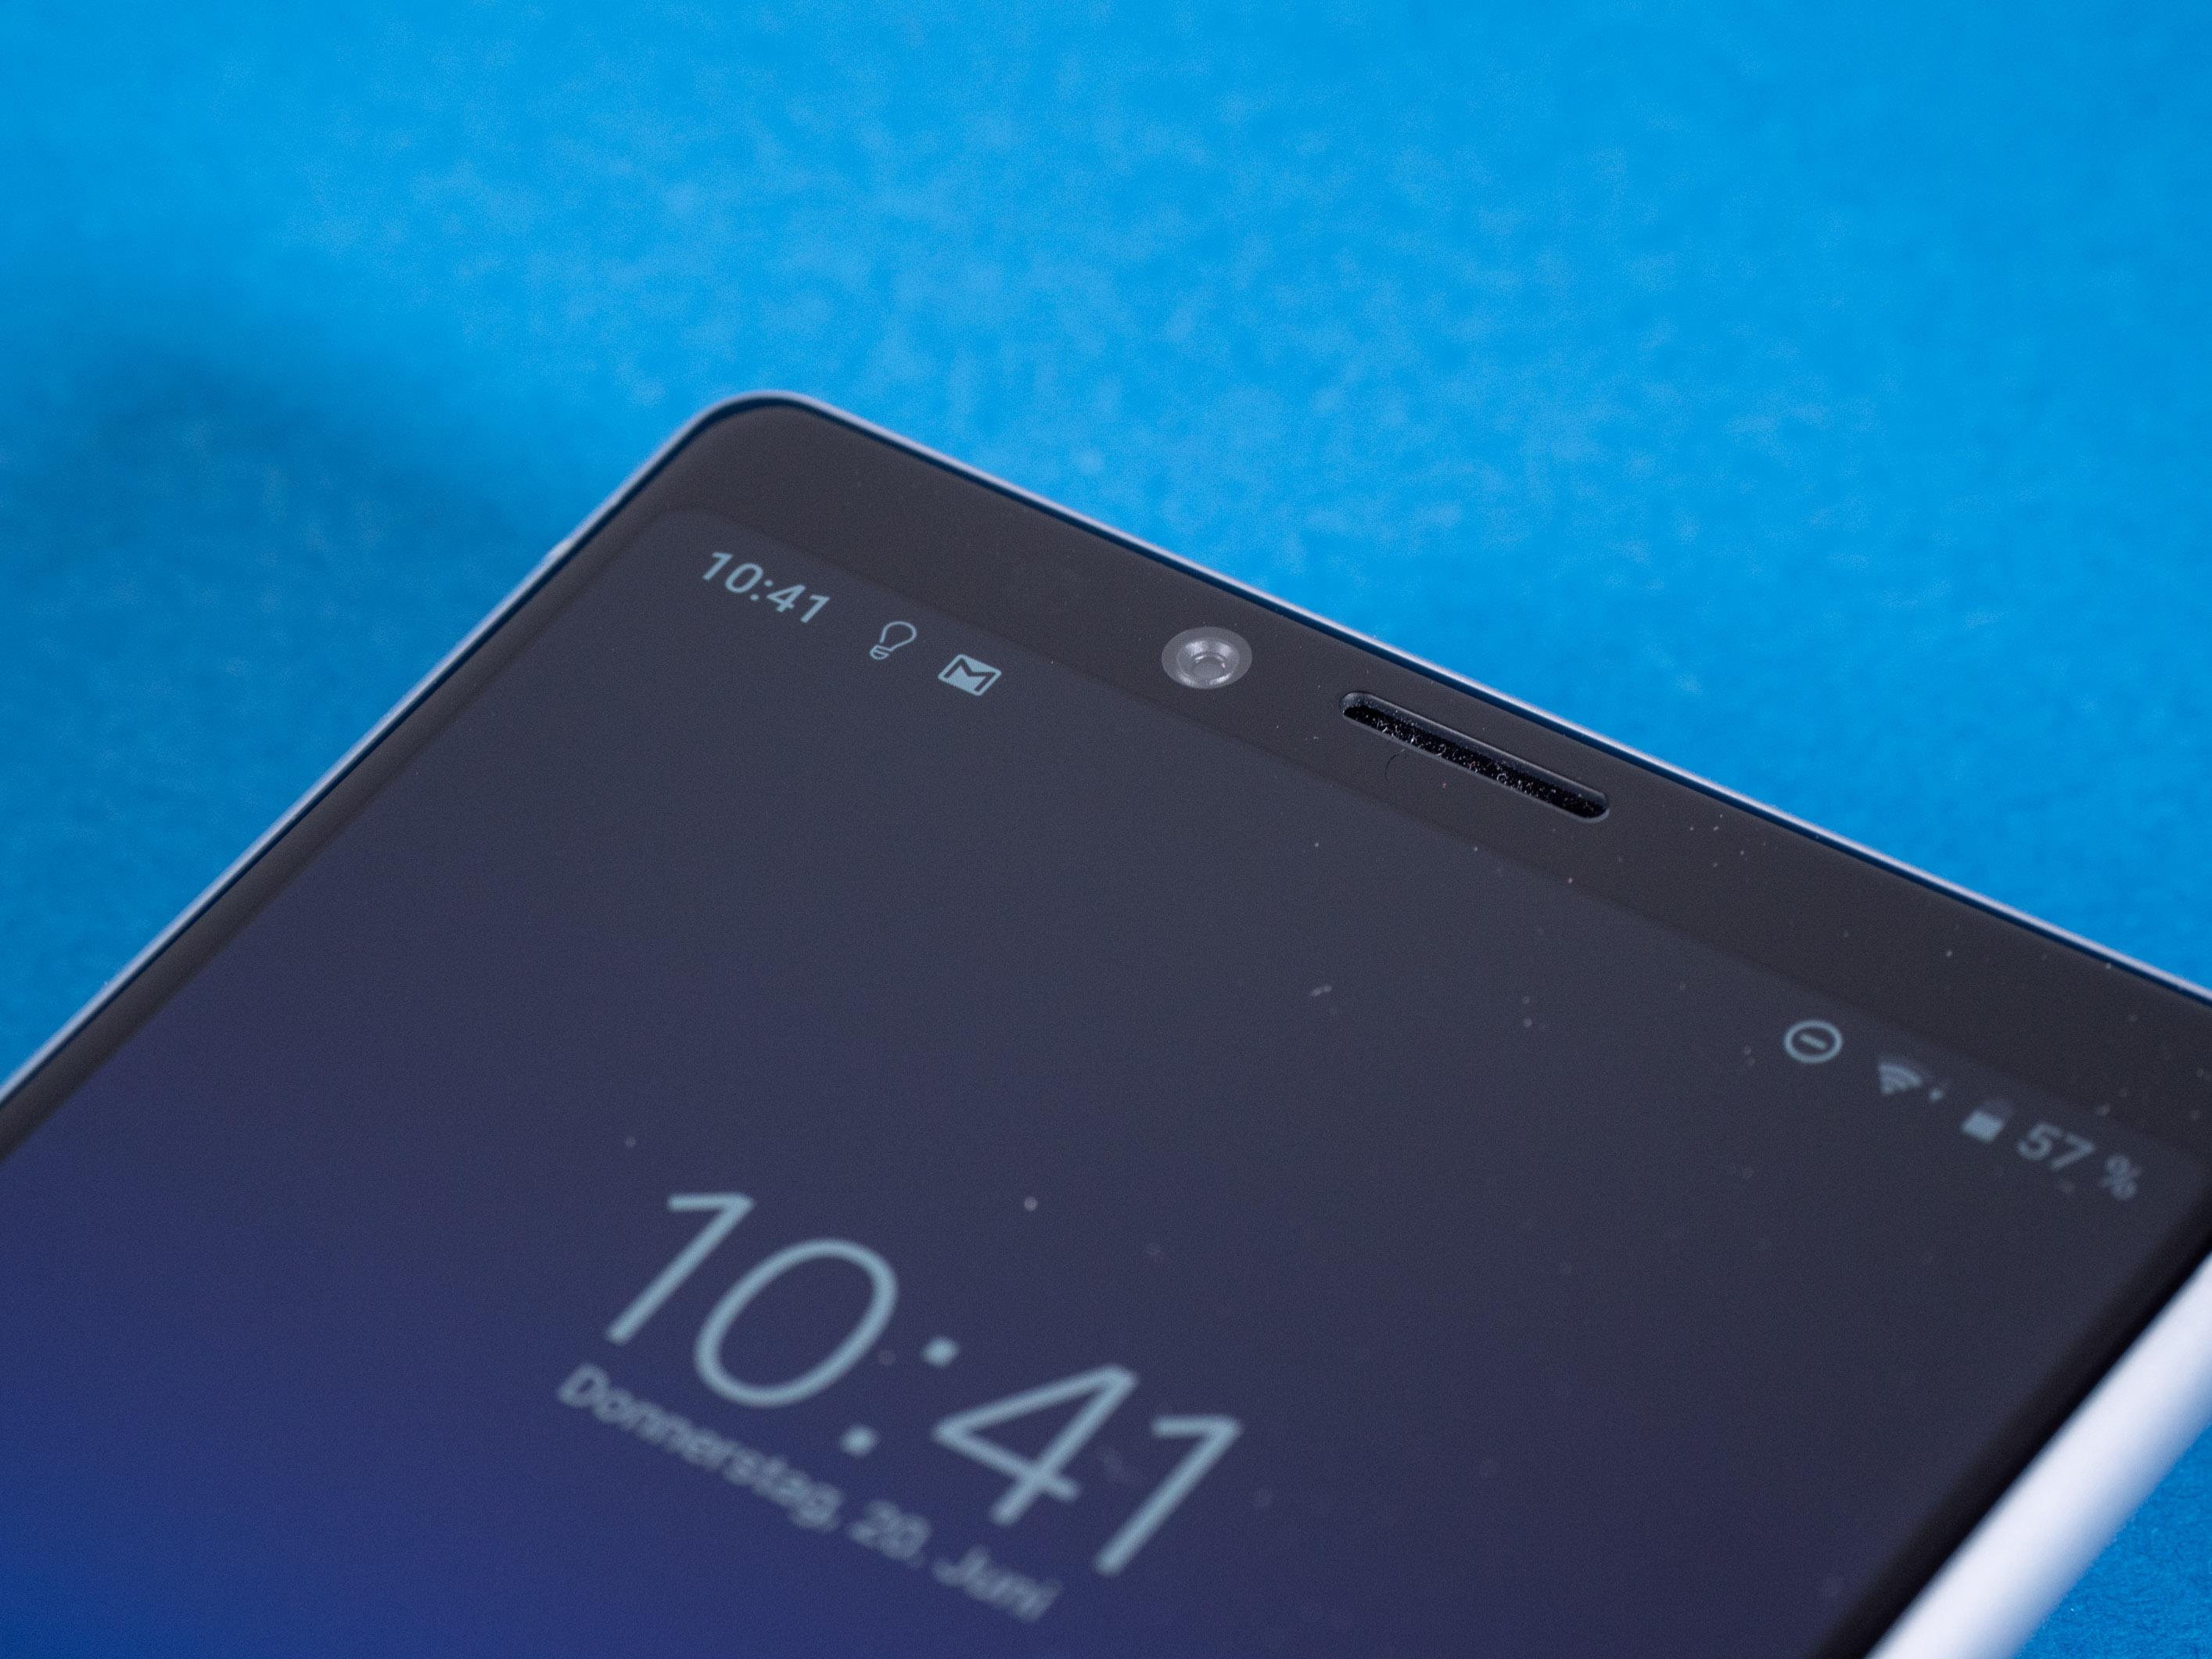 Xperia 1 im Test: Das Smartphone für Filmfans - Die Frontkamera ist traditionell oberhalb des Displays eingebaut. (Bild: Martin Wolf/Golem.de)